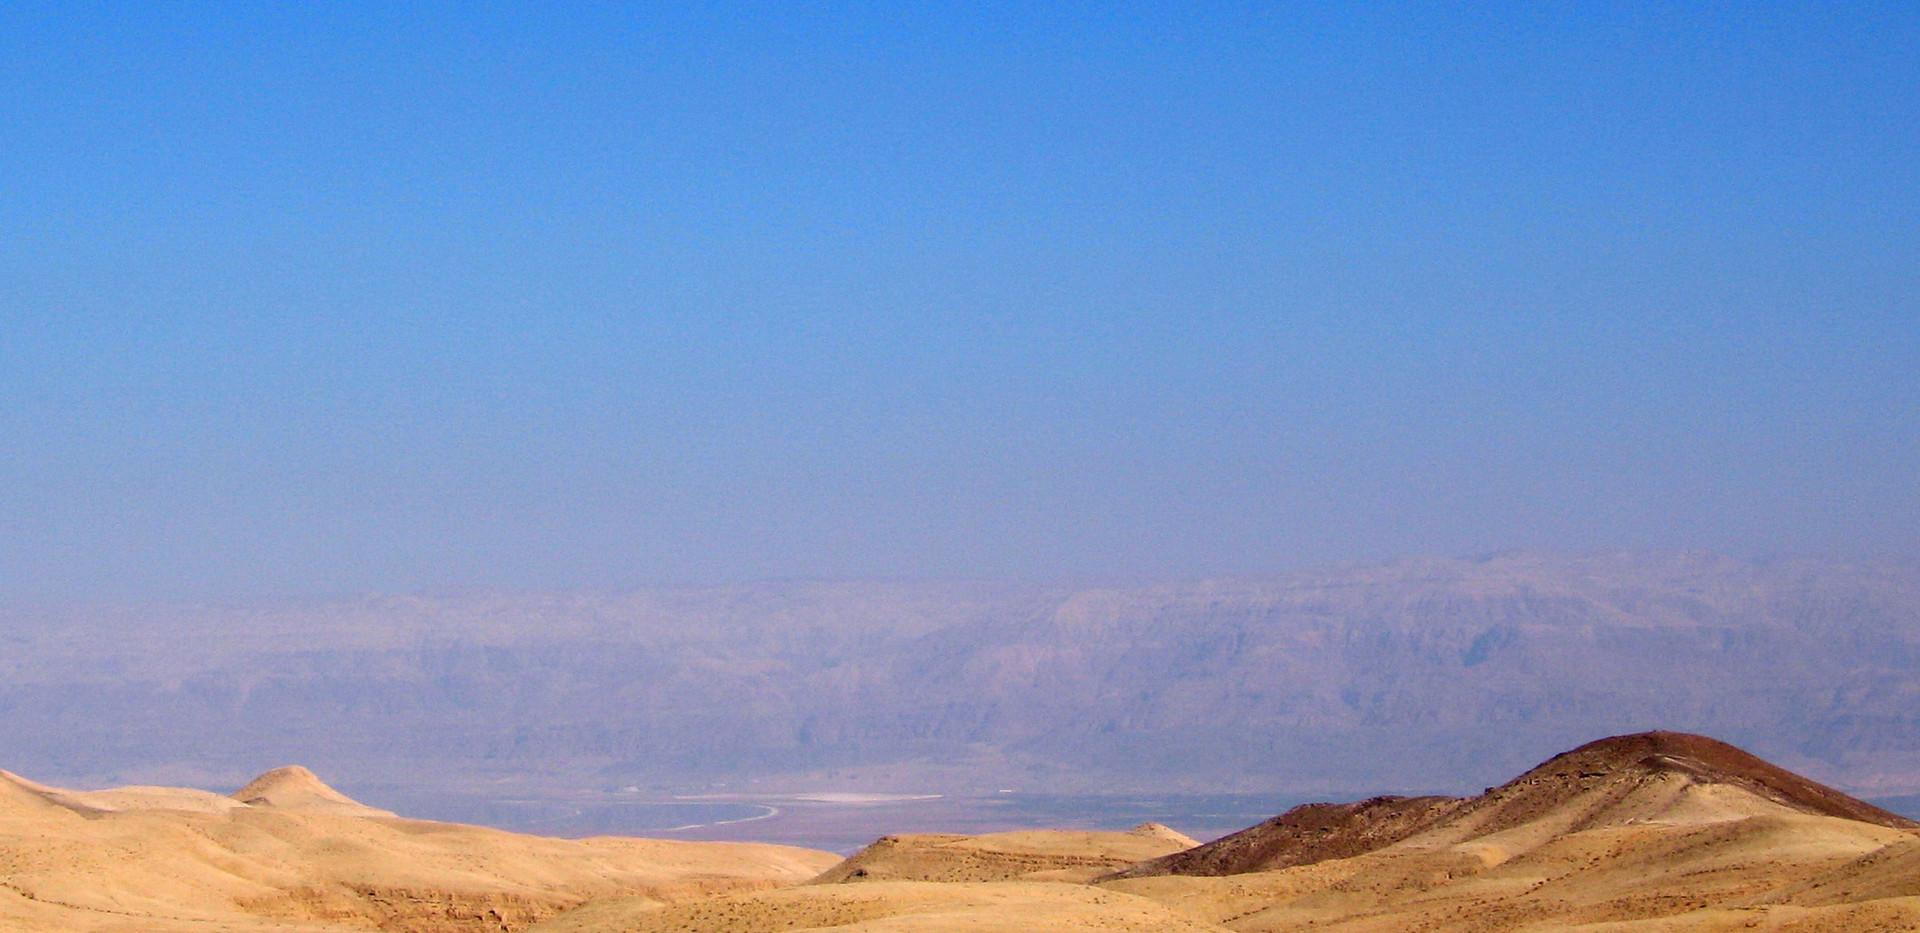 064 Dead Sea.JPG